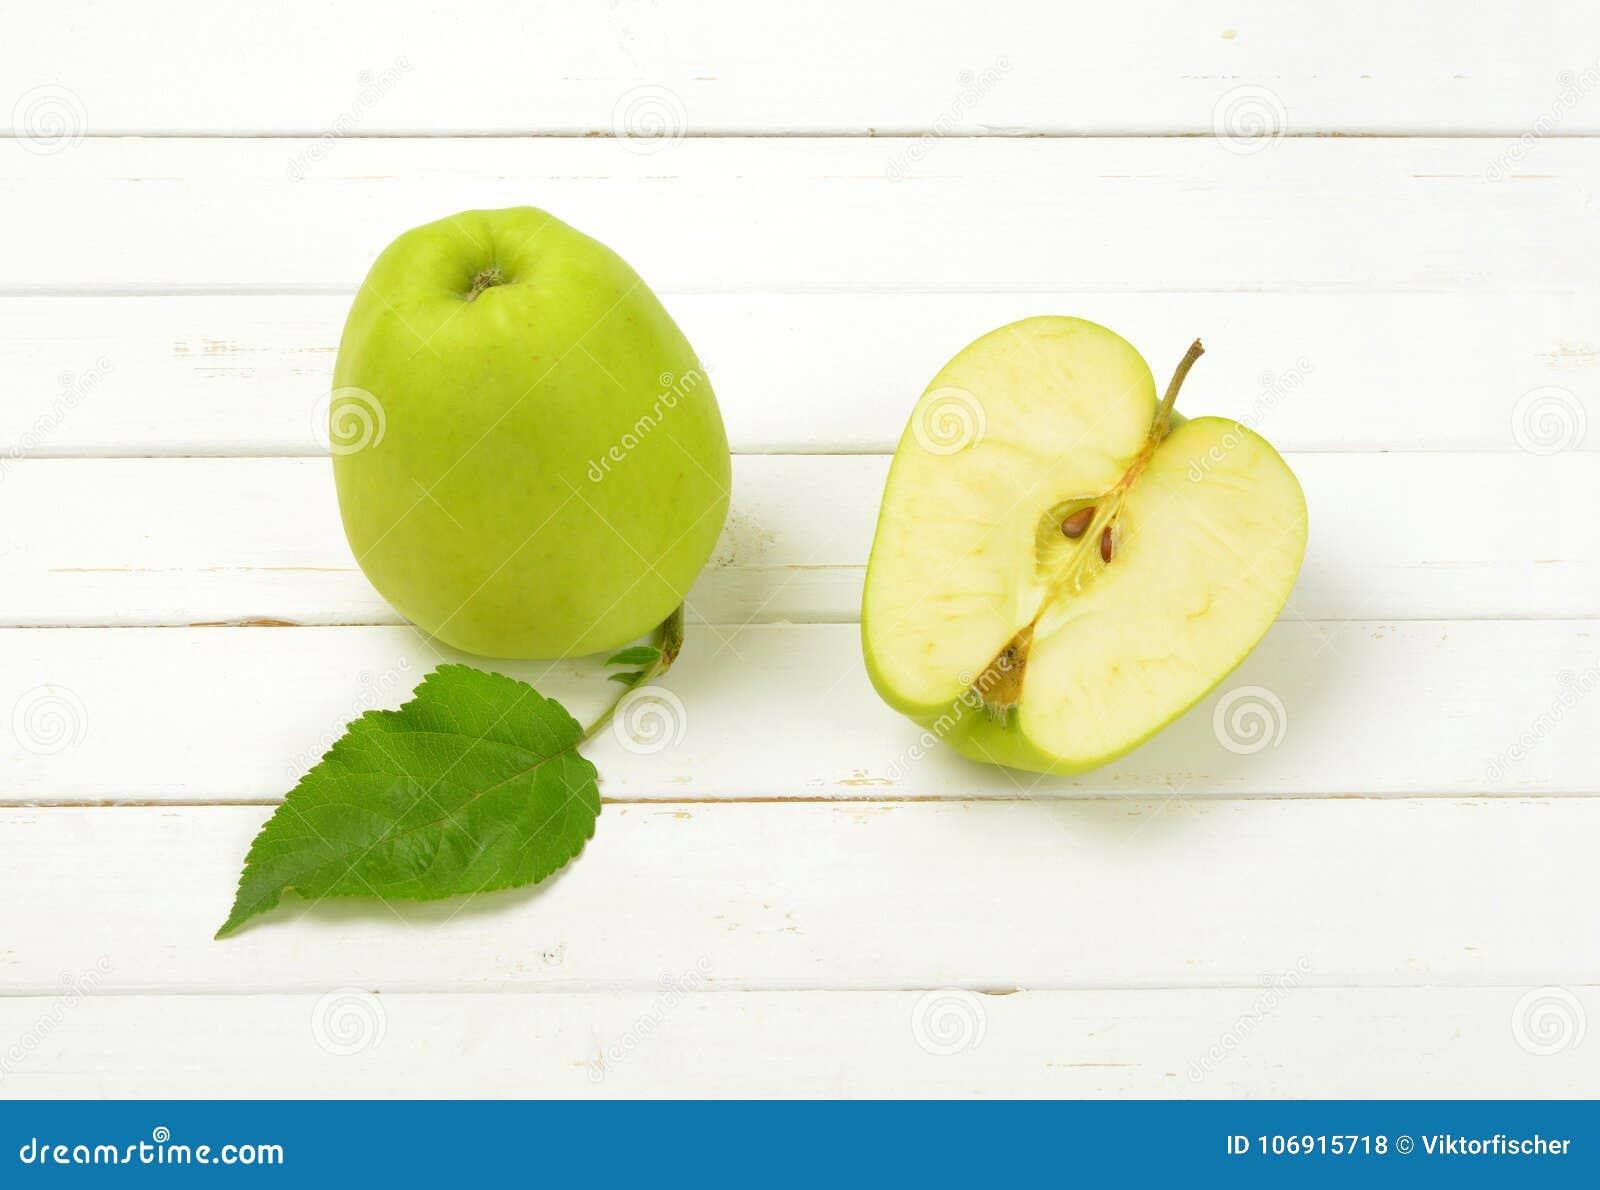 Półtora zielonych jabłek